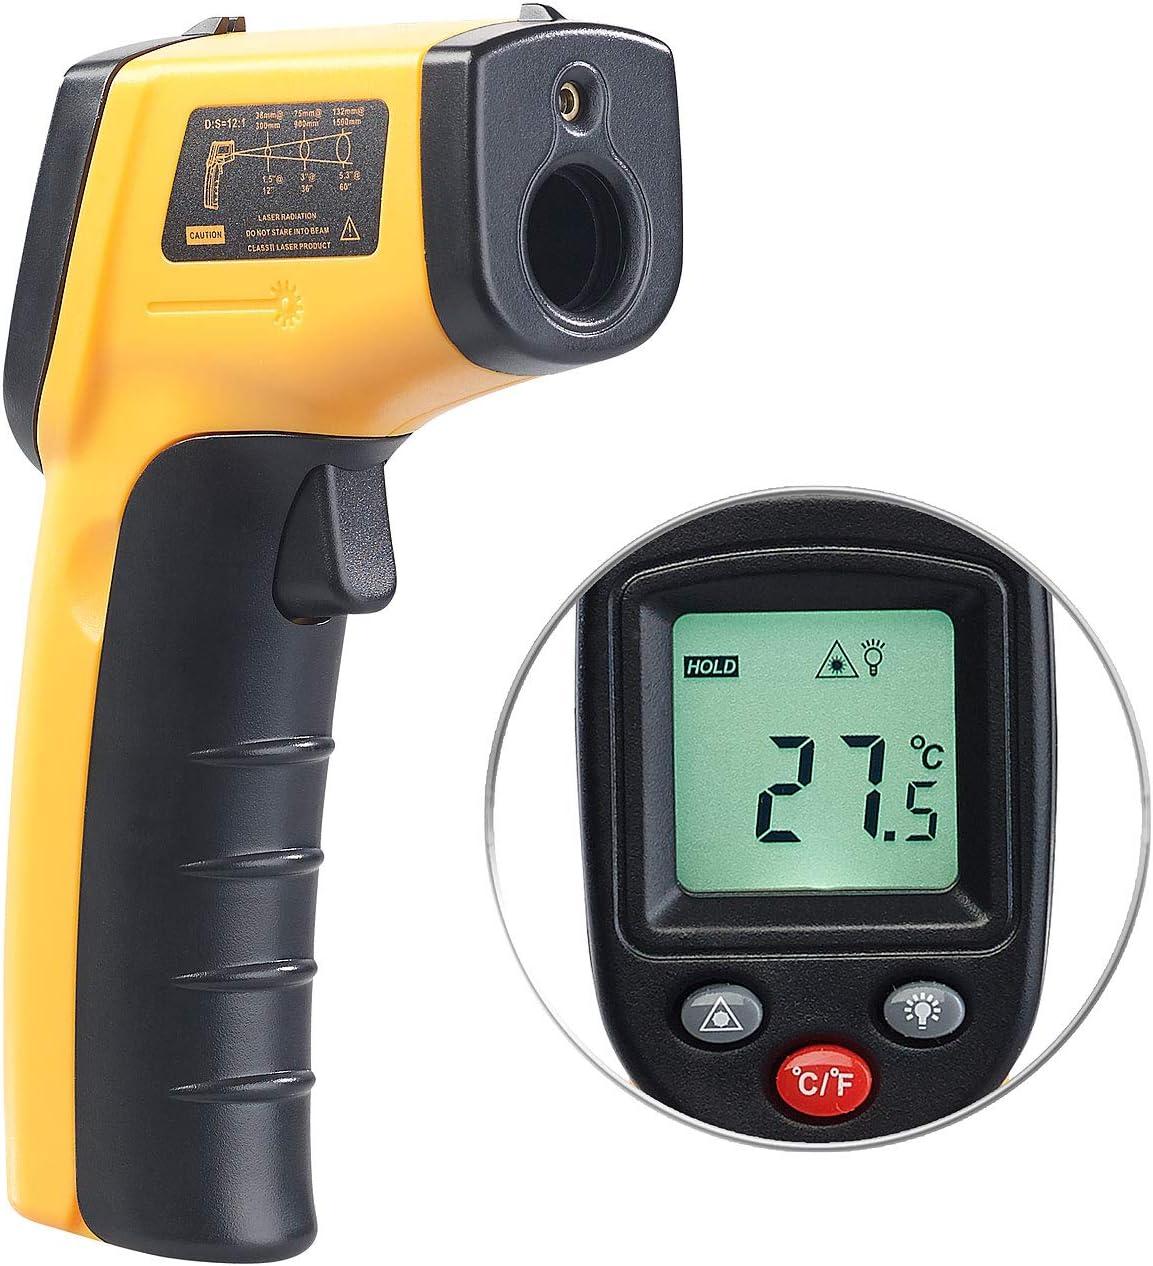 AGT temperatura Dispositivo de medición: Termómetro infrarrojo sin contacto con puntero láser, -50 hasta +380 ° C (IR termómetro)